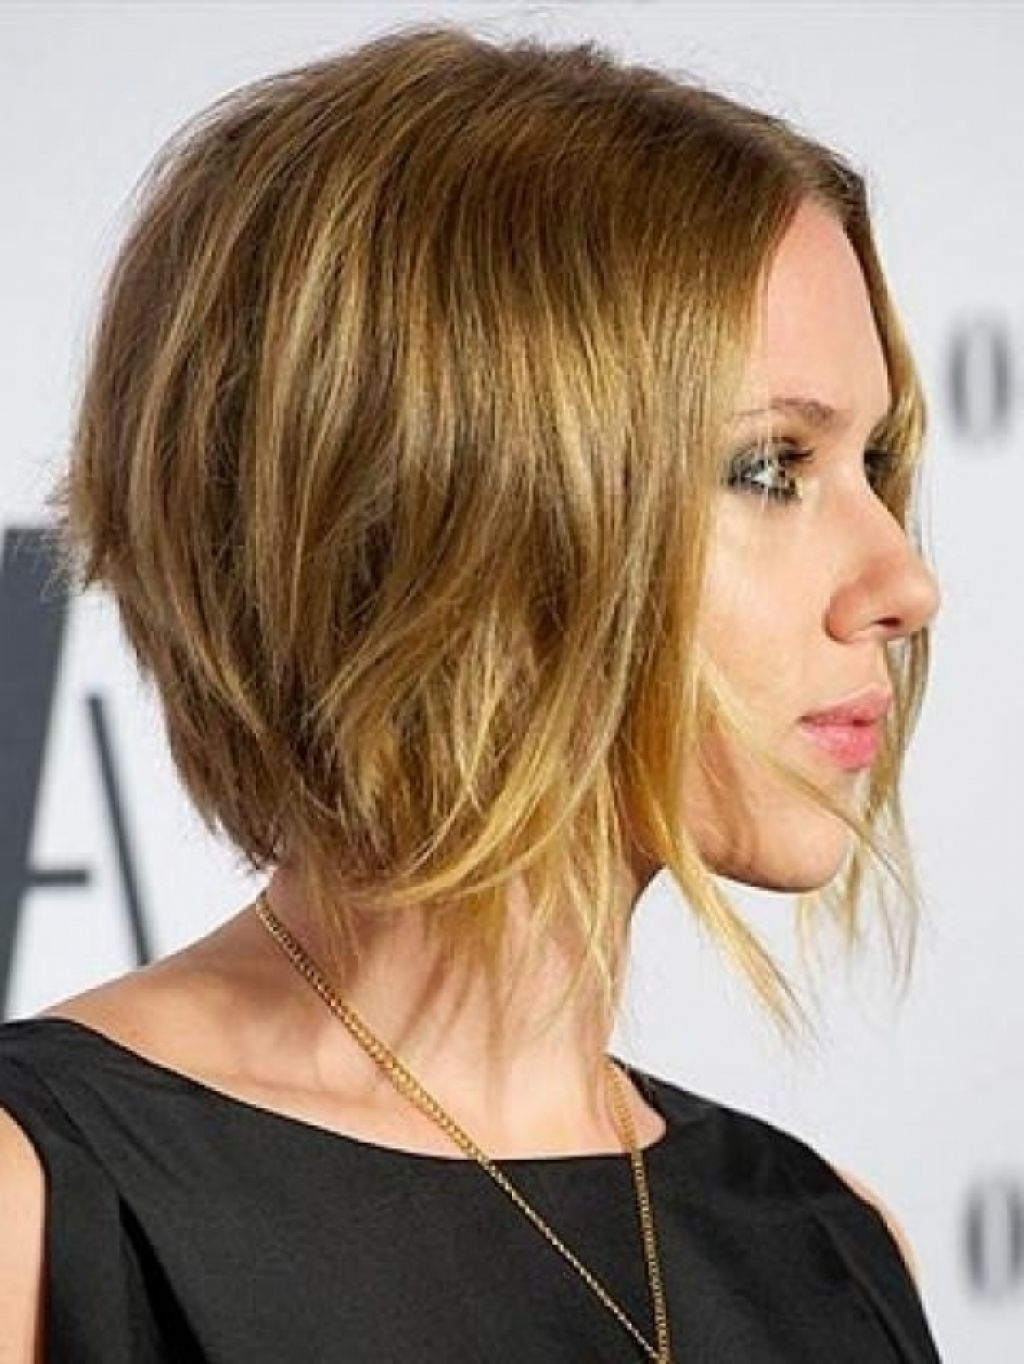 Как выглядит прическа боб каре на удлиненных тонких волосах фото